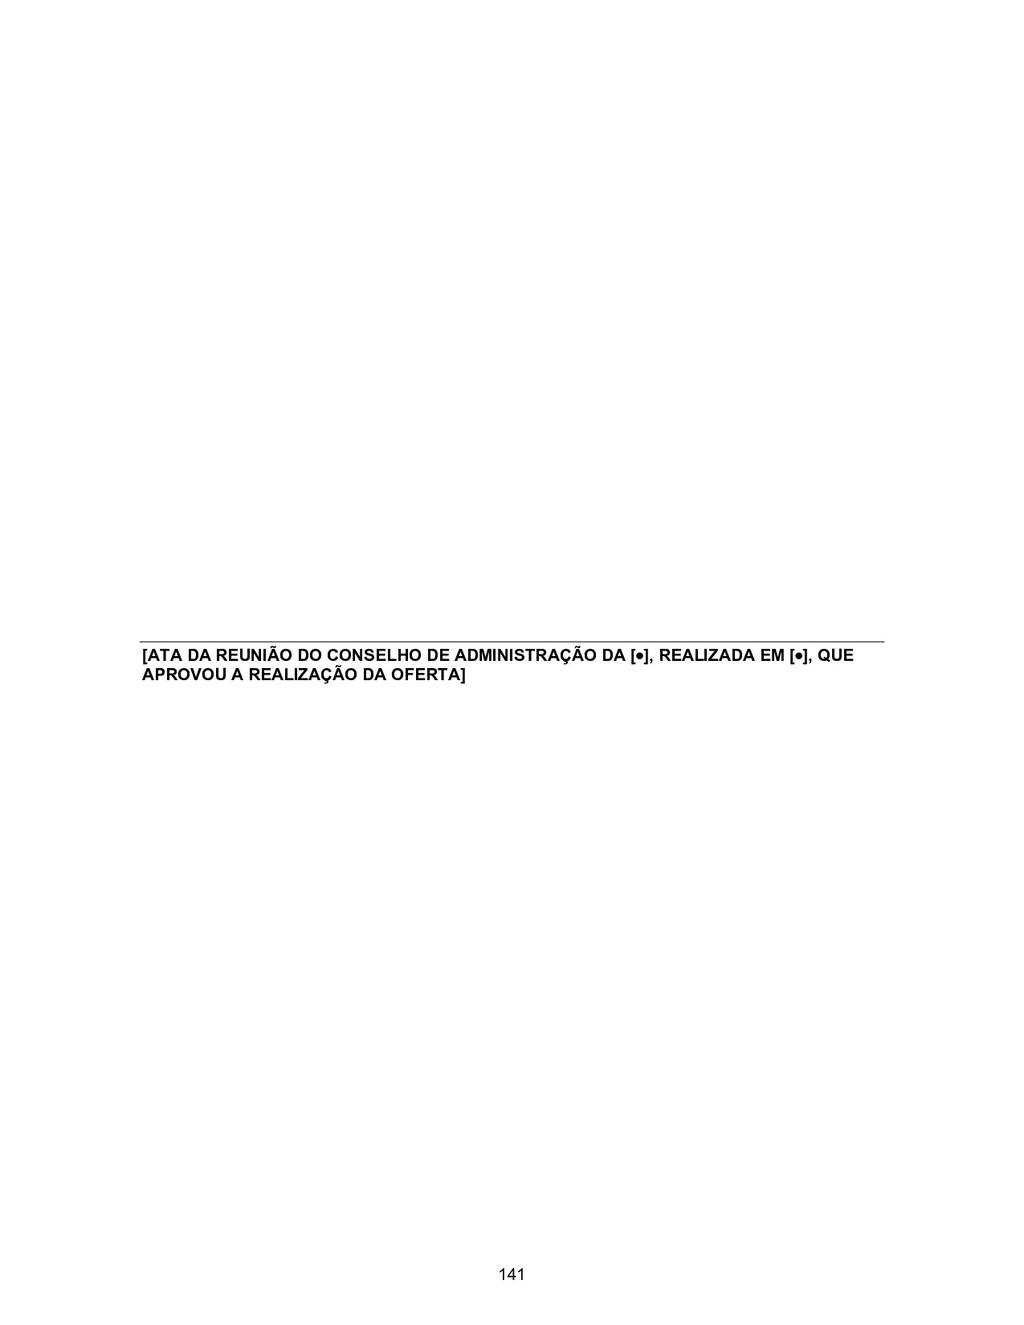 [ATA DA REUNIÃO DO CONSELHO DE ADMINISTRAÇÃO DA...